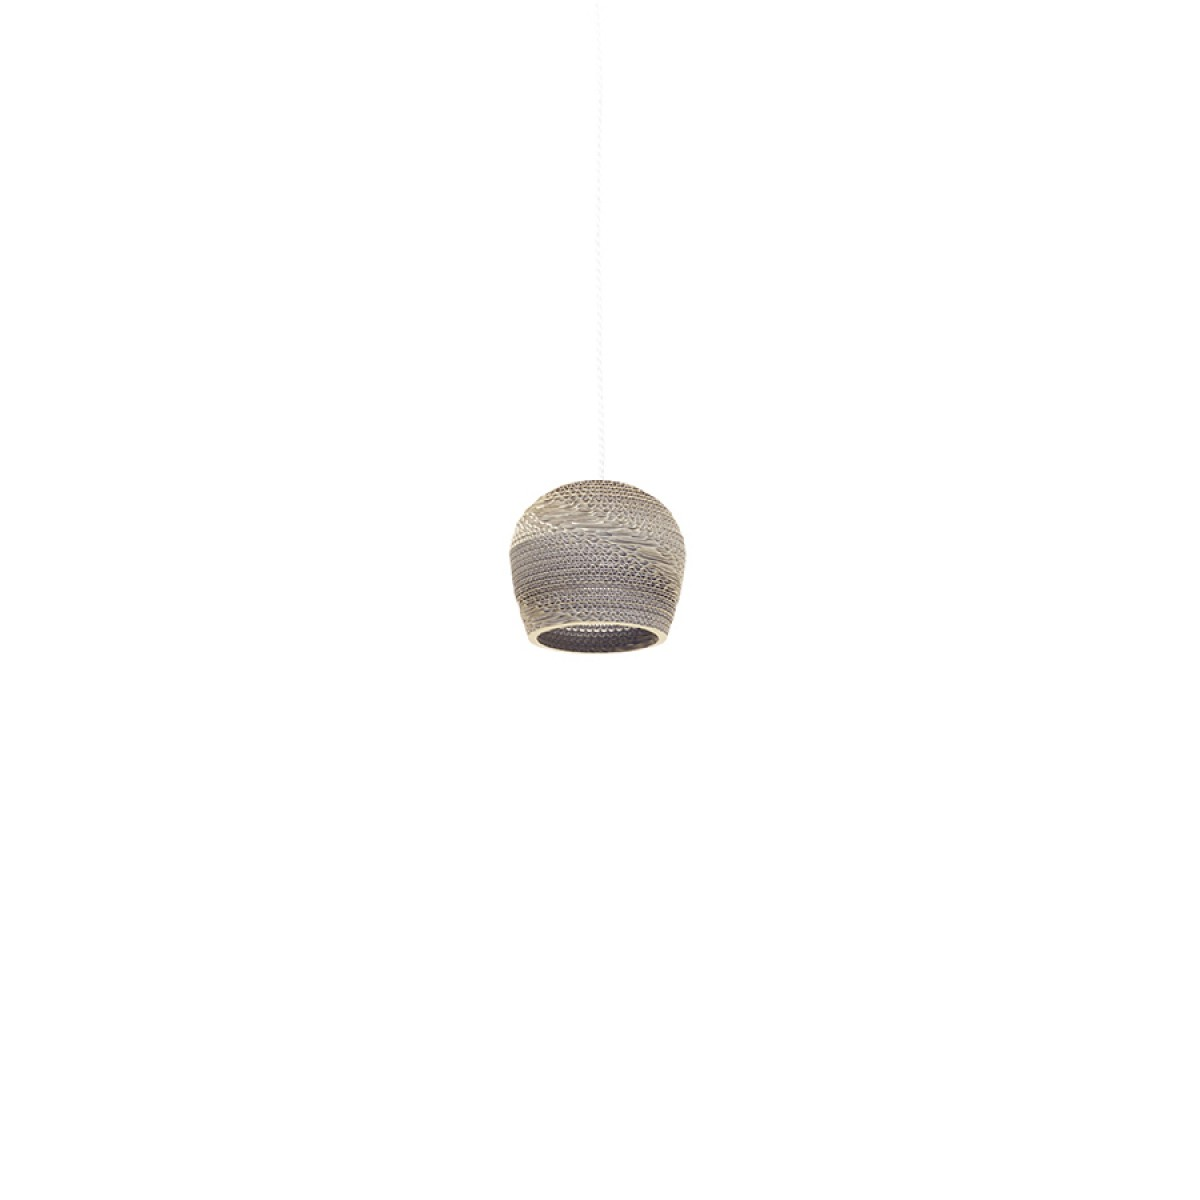 Cardboard lampshade, n9, type A - Hängelampe